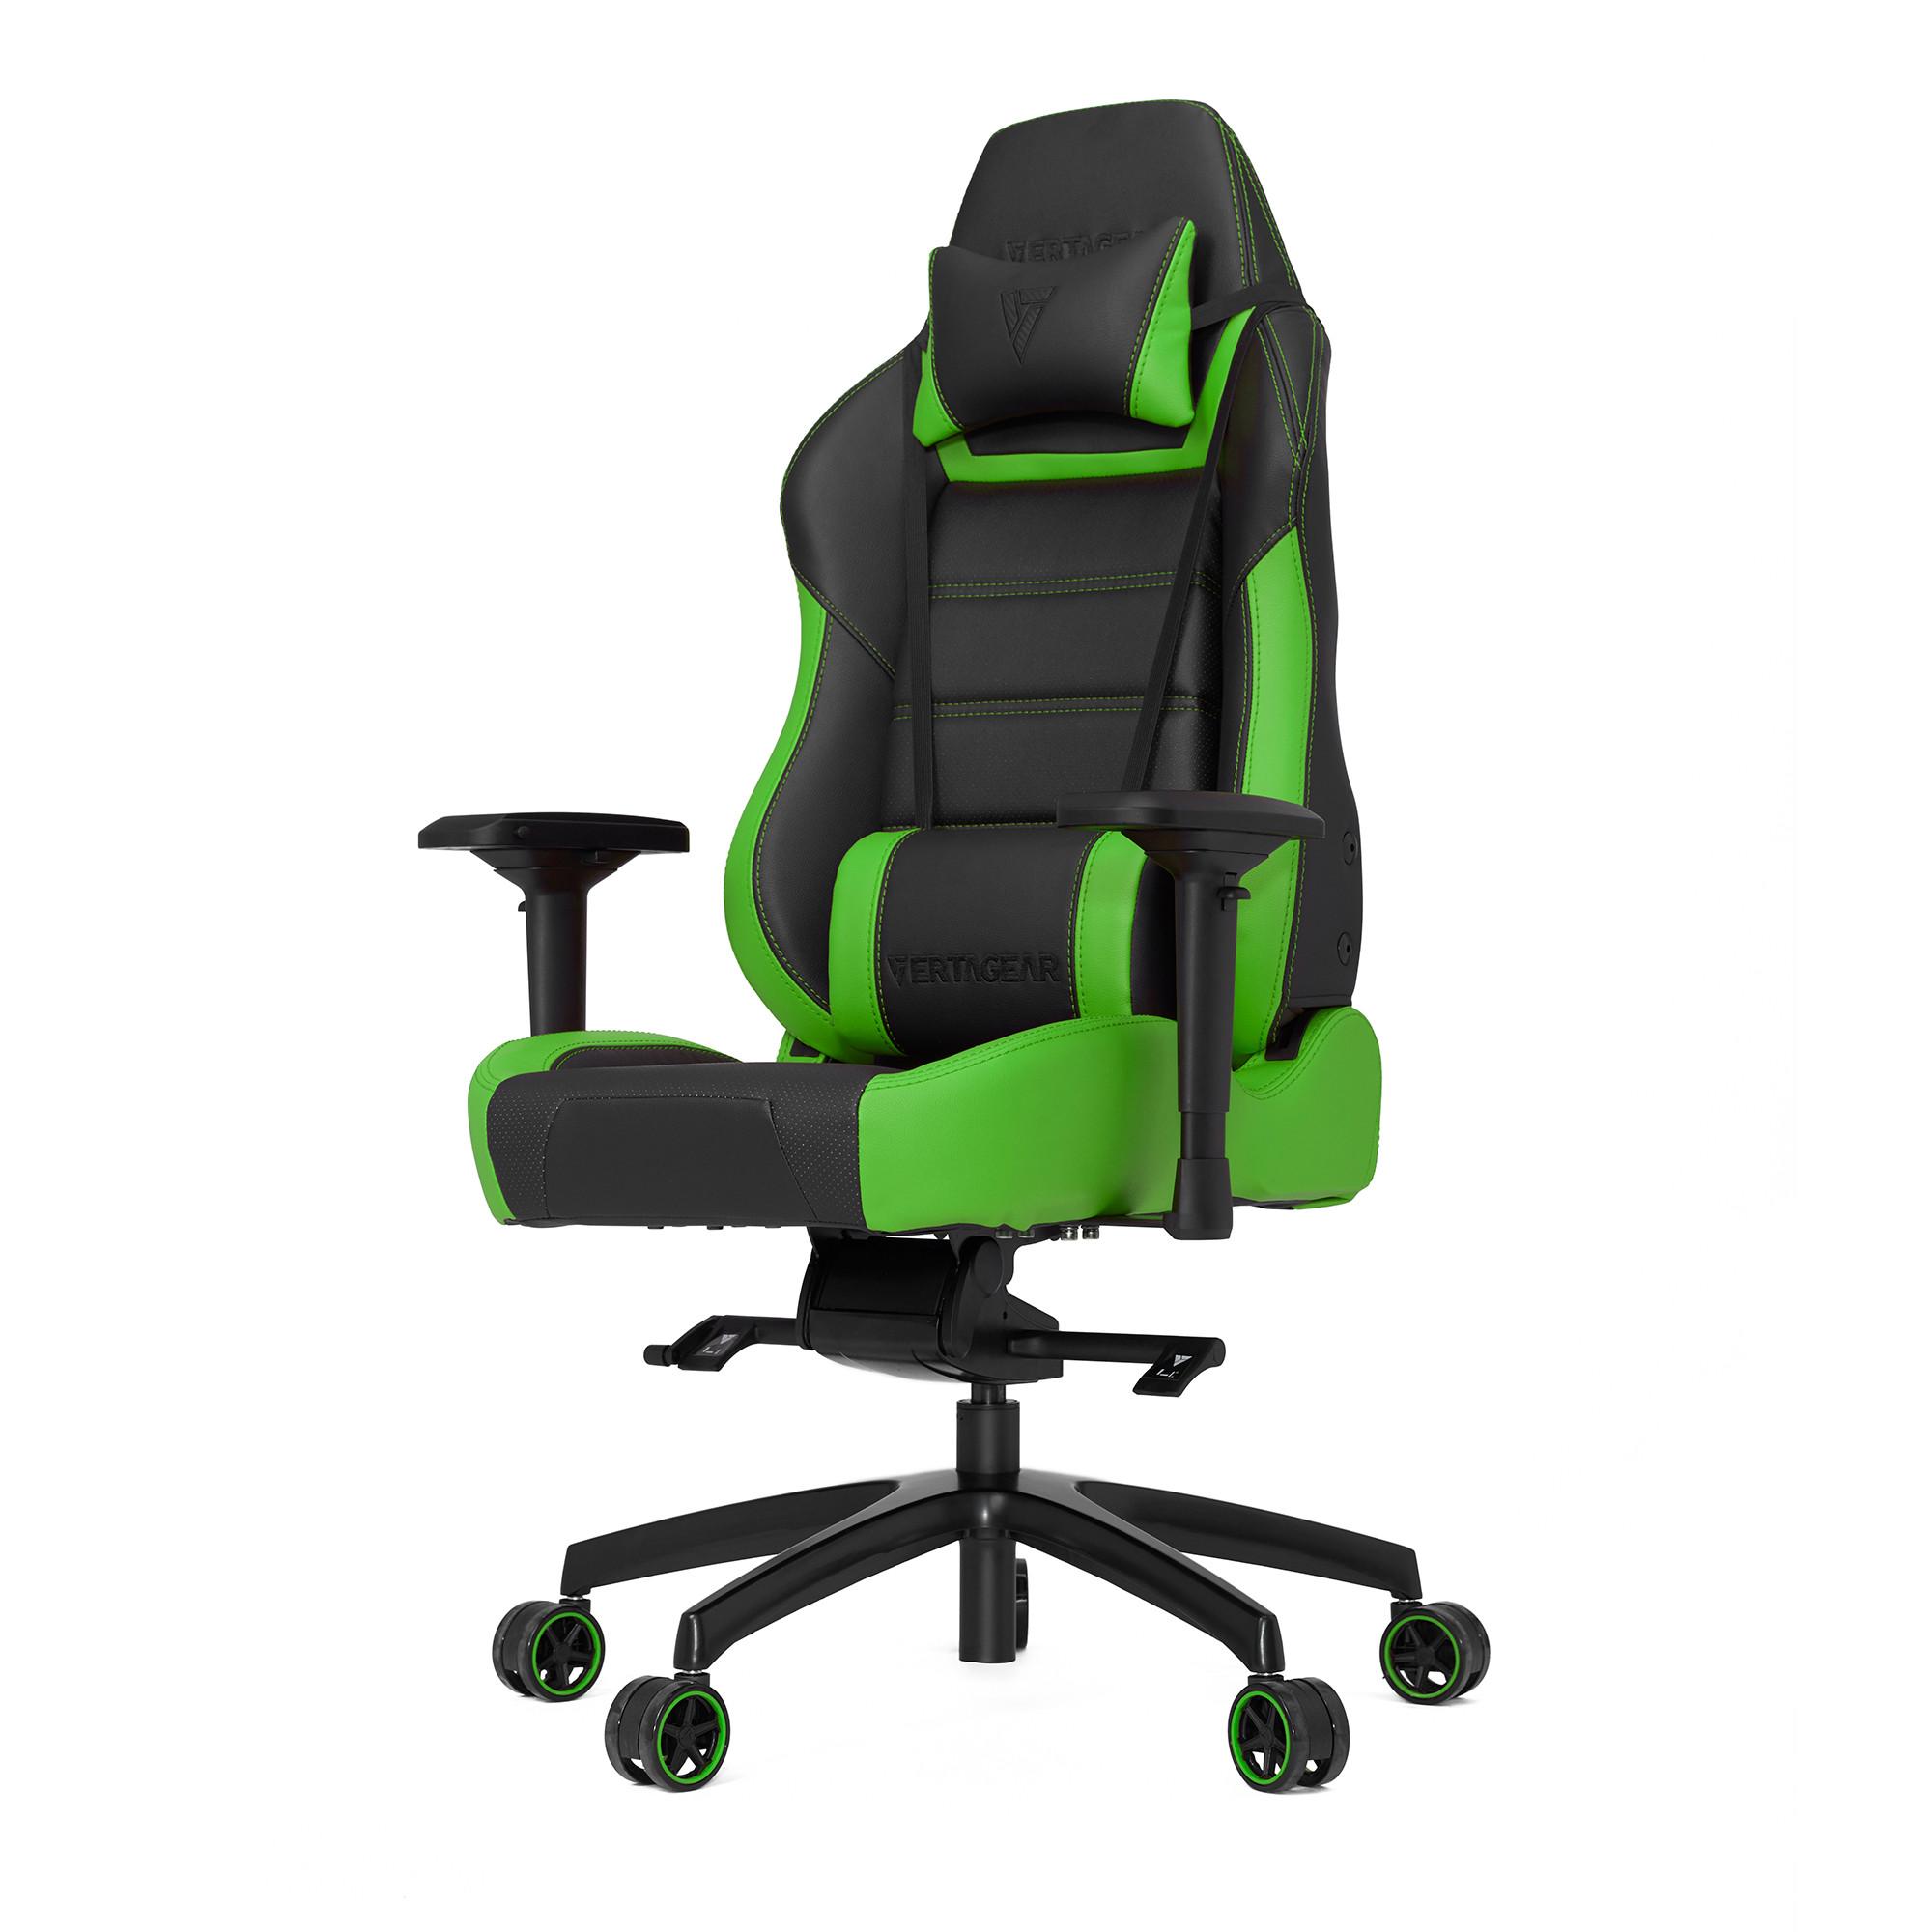 Профессиональное киберспортивное кресло Vertagear PL6000 зеленыйVertagear PL-6000 игровое кресло, сфокусированное на предоставление дополнительного комфорта с более высоким сиденьем и подголовником для поддержки более крупных и широких пользователей.&#13;<br>&#13;<br>Vertagear PL-6000 поддерживают пользователей вплоть до 200 кг в весе. используя инновационую сверхмощную раму основания с возможностью легкого доступа к механизму наклона / качания.<br>